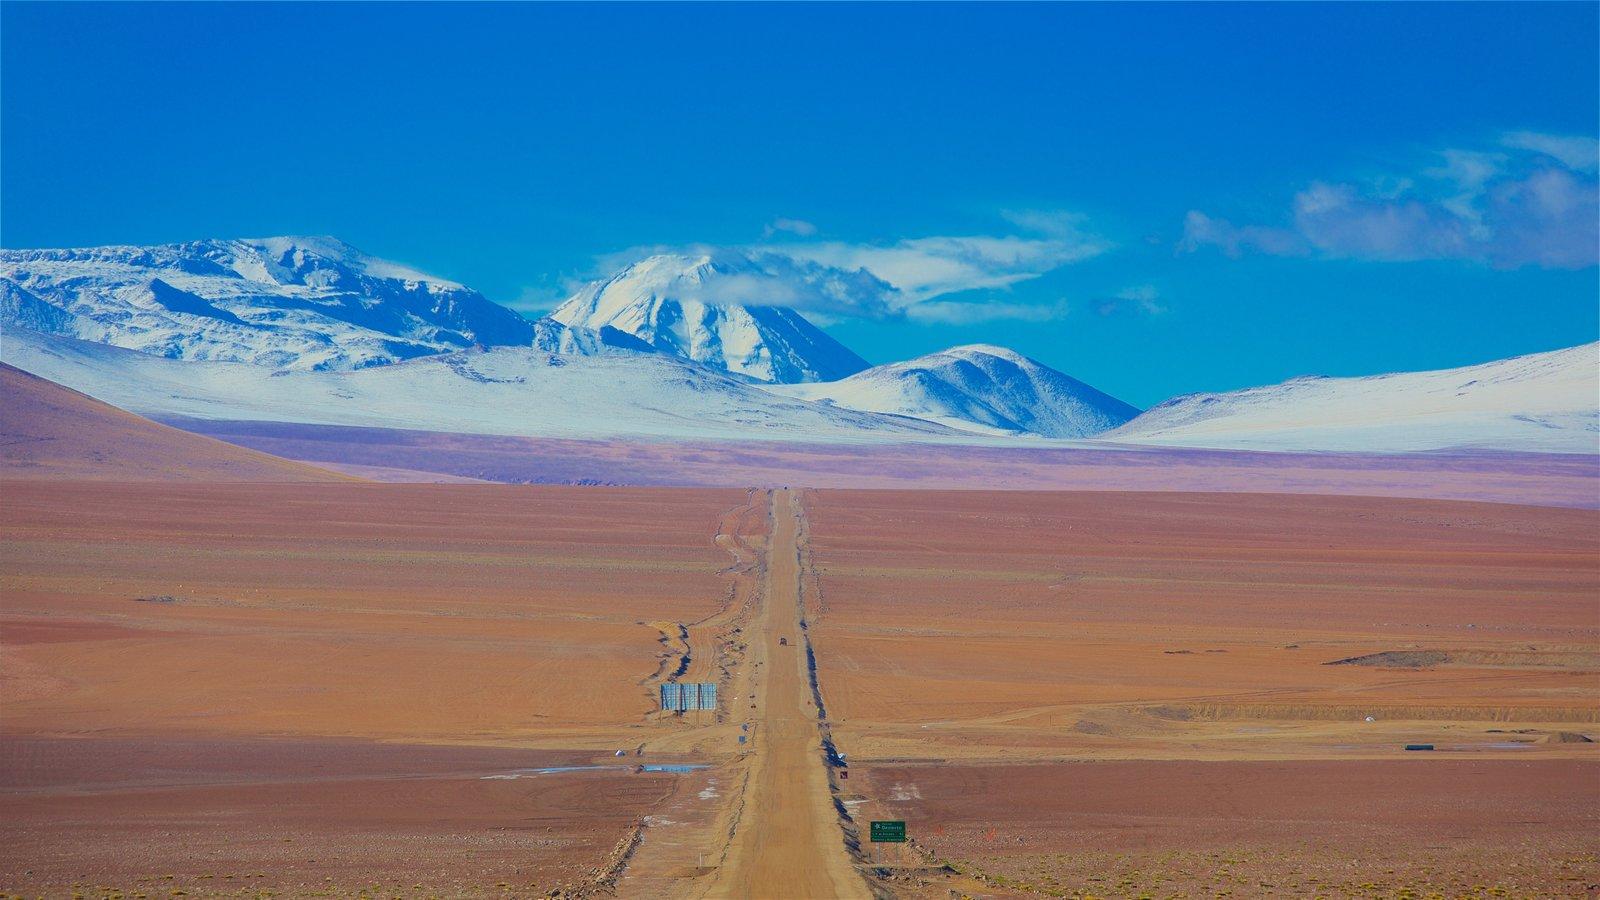 Antofagasta mostrando paisagem, cenas tranquilas e montanhas